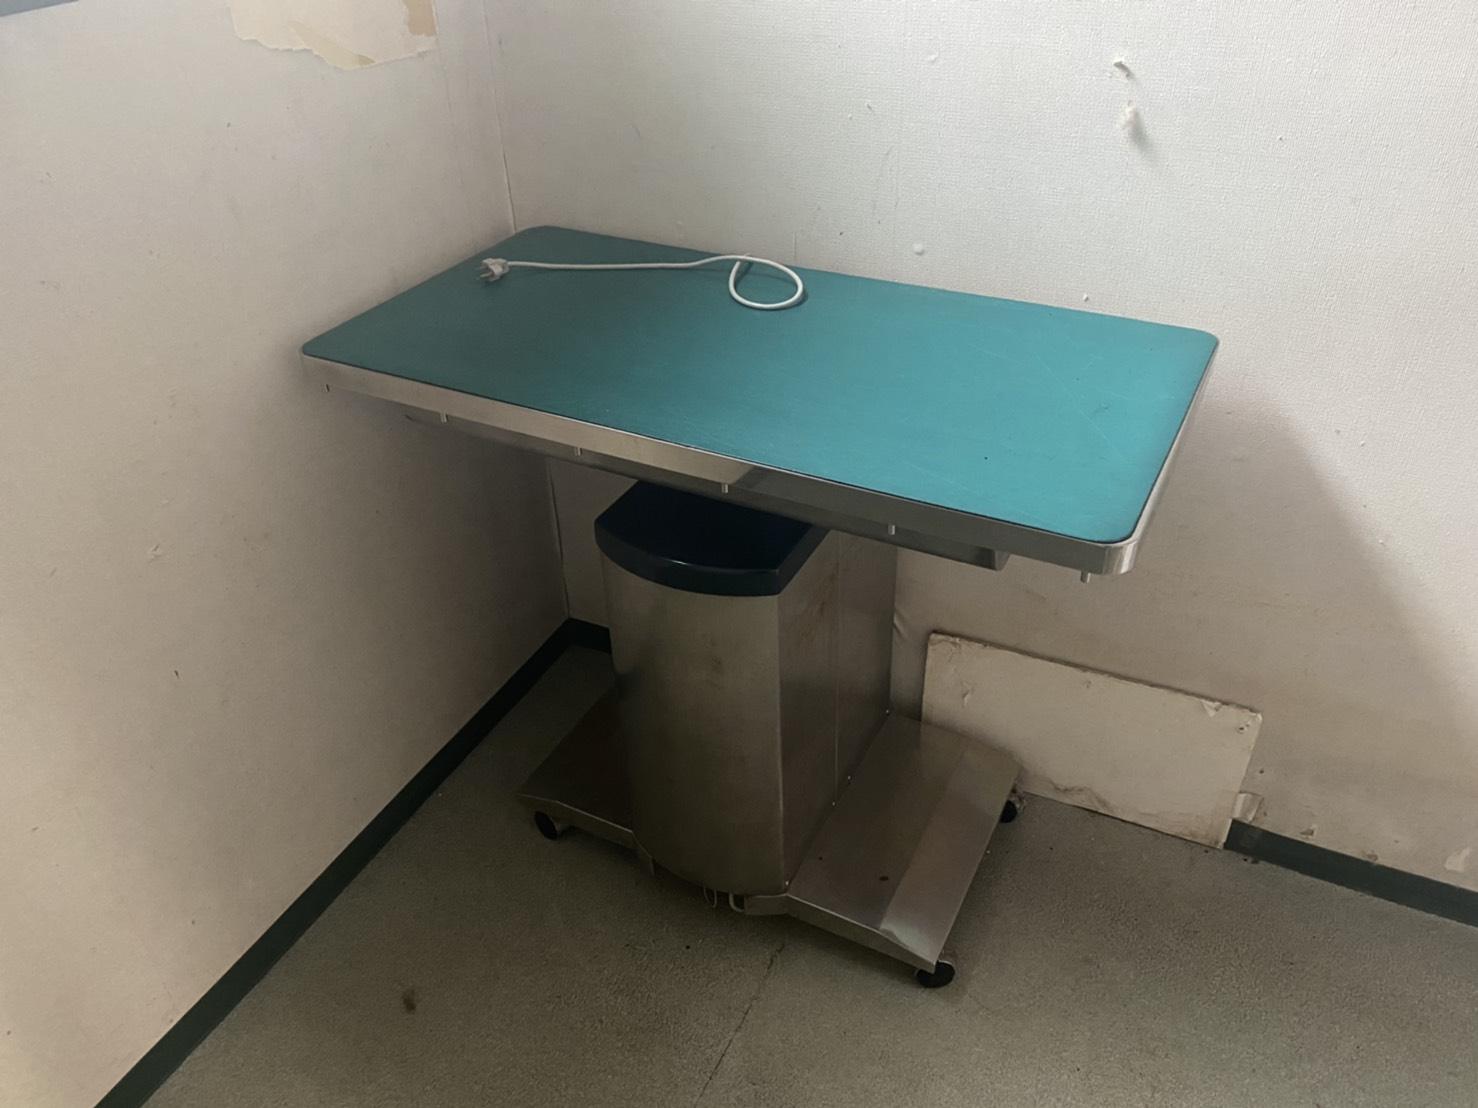 【産業廃棄物の処理】病院で不要になった診療器具や薬品一式の処理請負事例を紹介します。